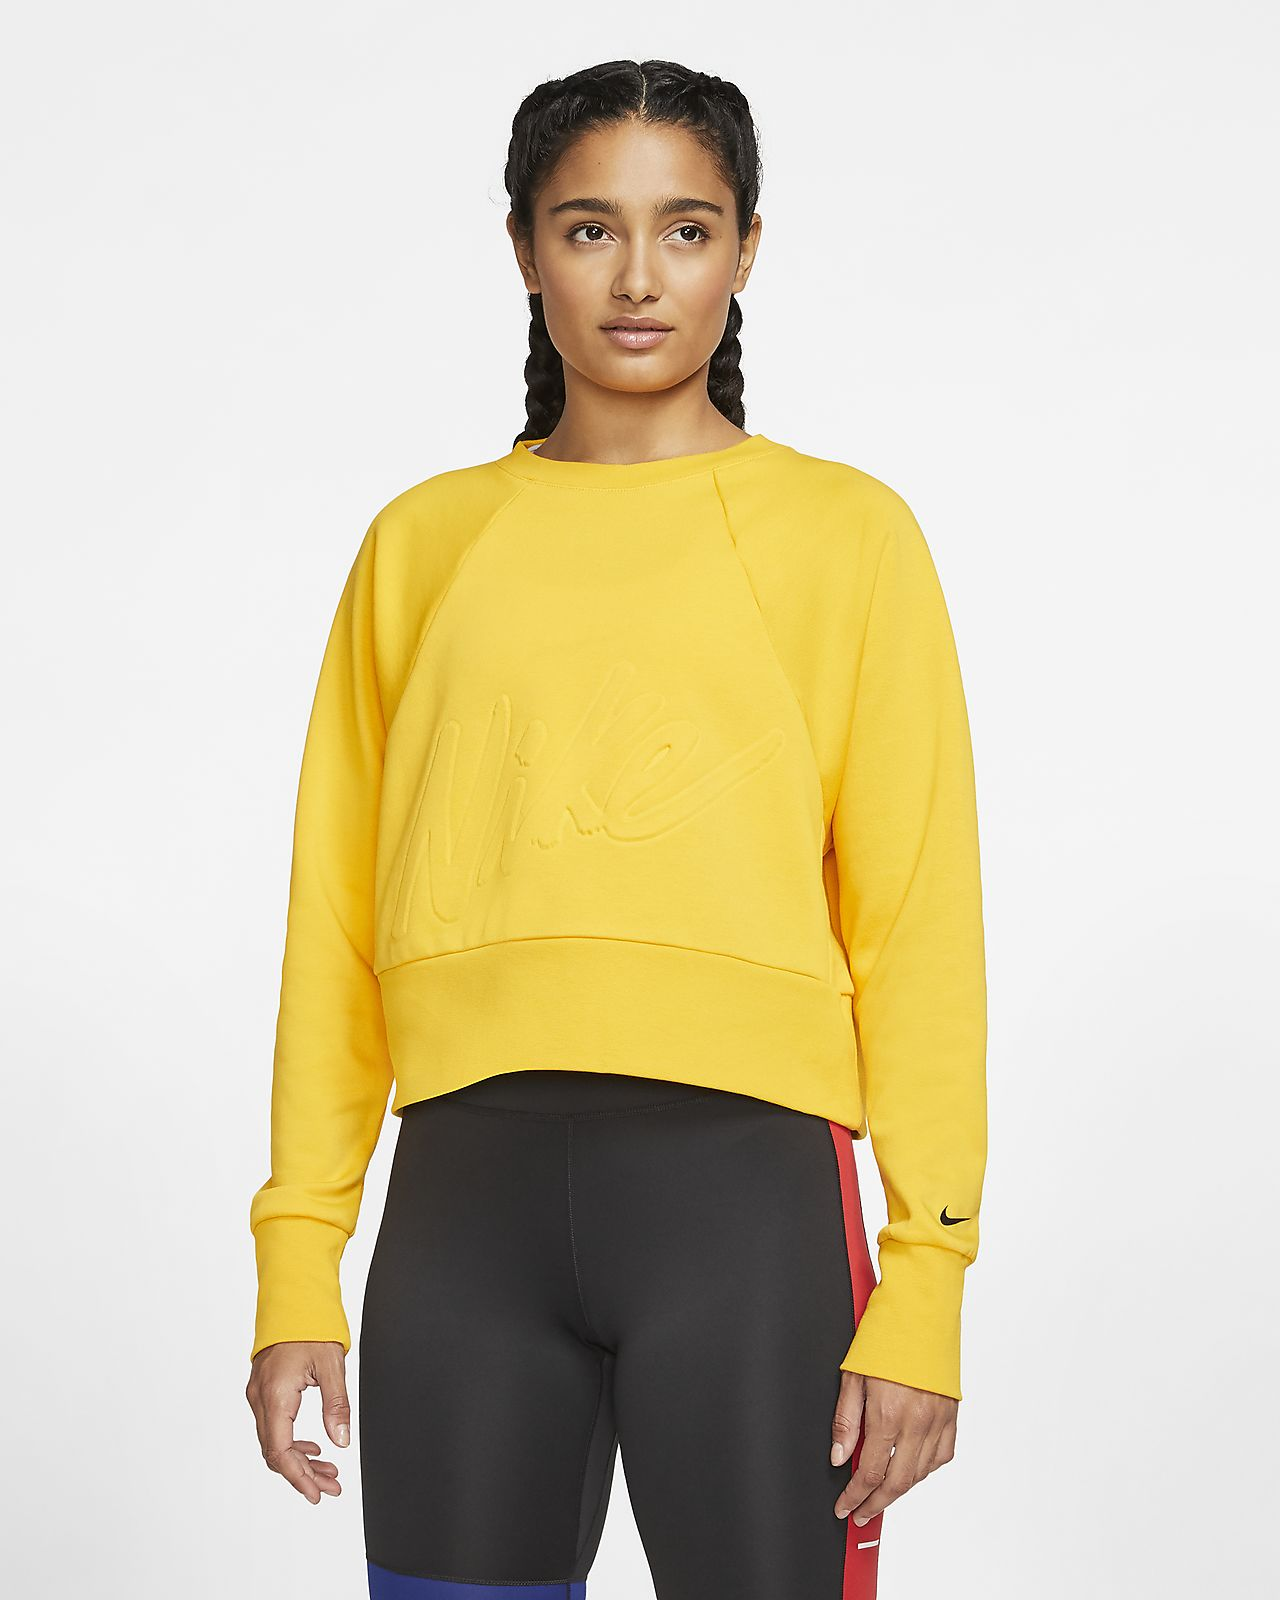 Haut de training en tissu Fleece Nike Dri-FIT Get Fit pour Femme